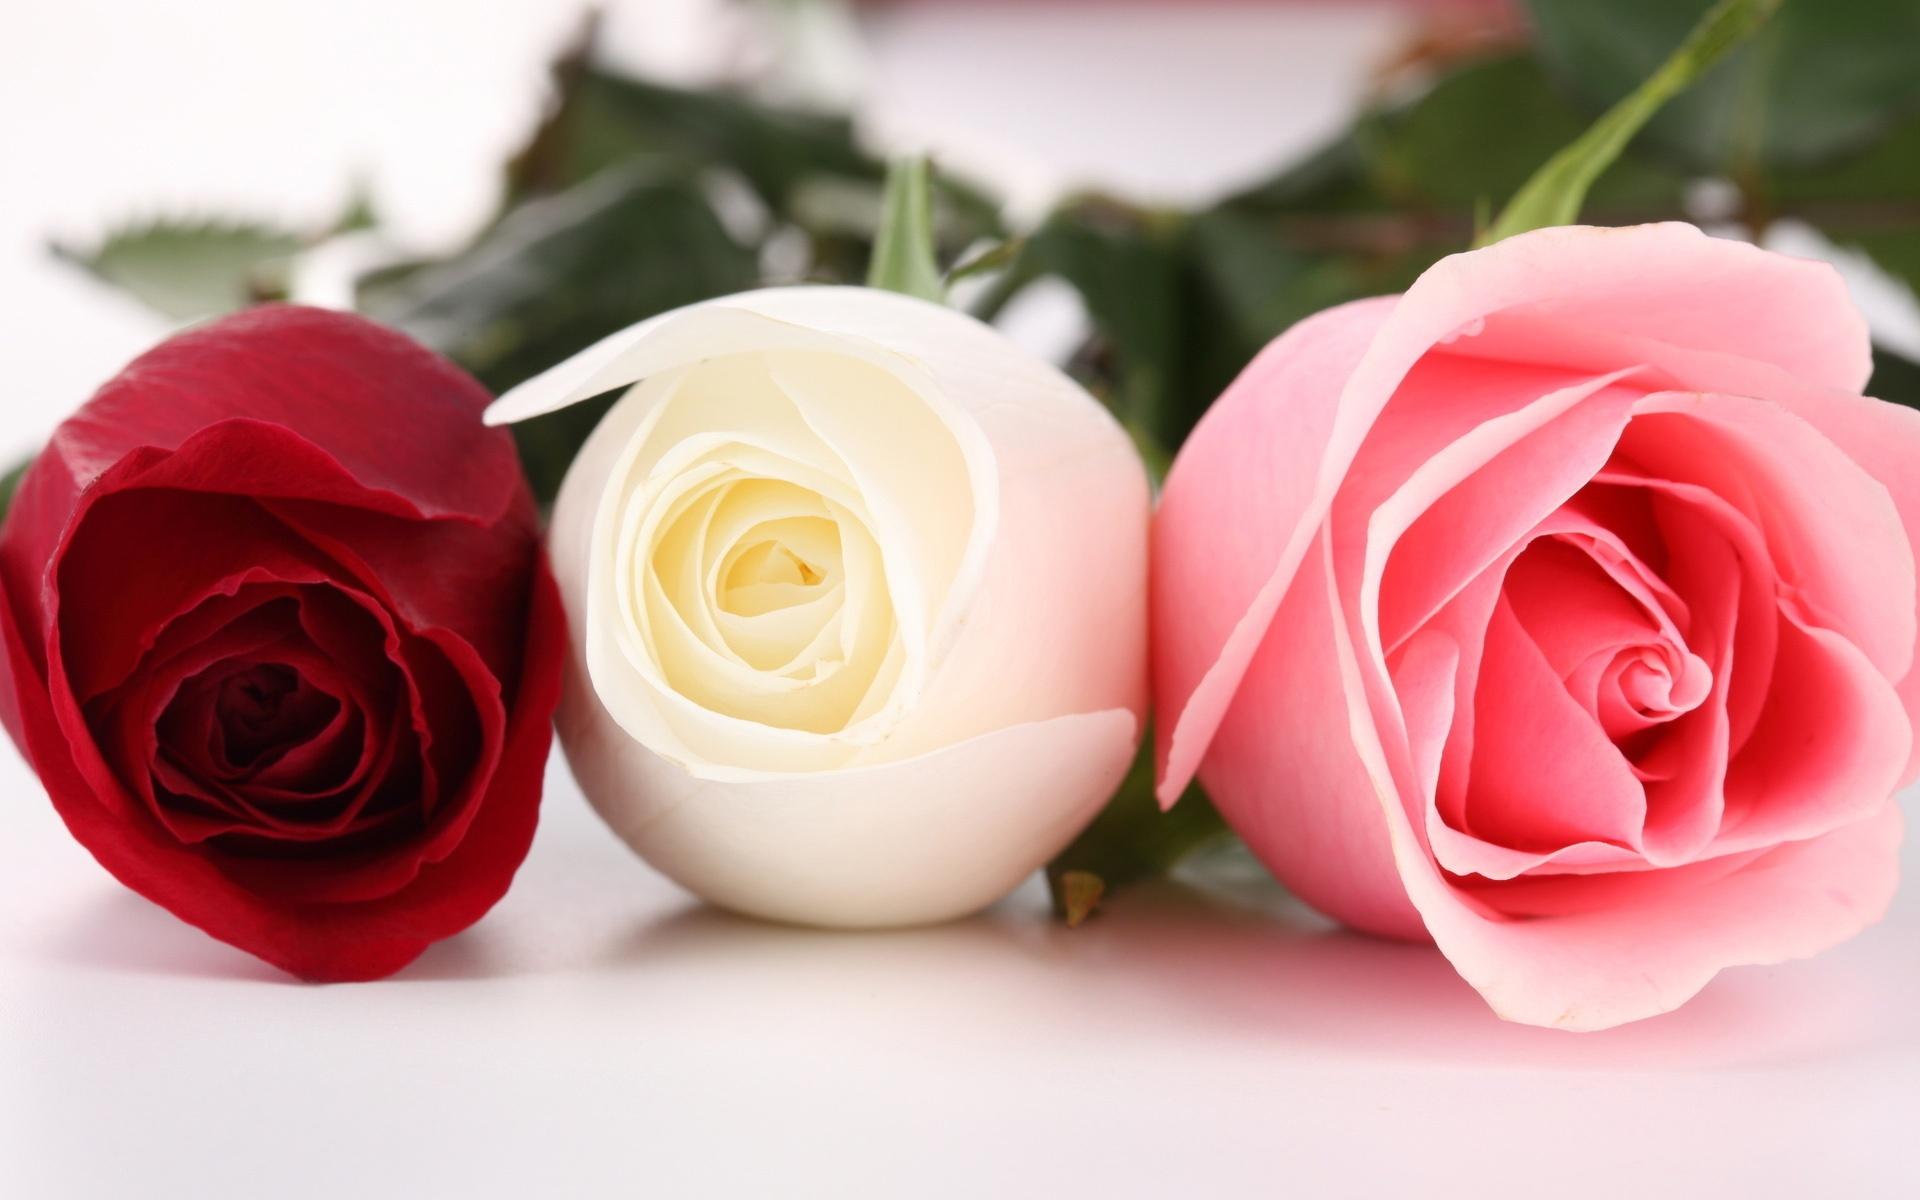 drei verschiedene farben der rosen 1920x1200 hd hintergrundbilder hd bild. Black Bedroom Furniture Sets. Home Design Ideas